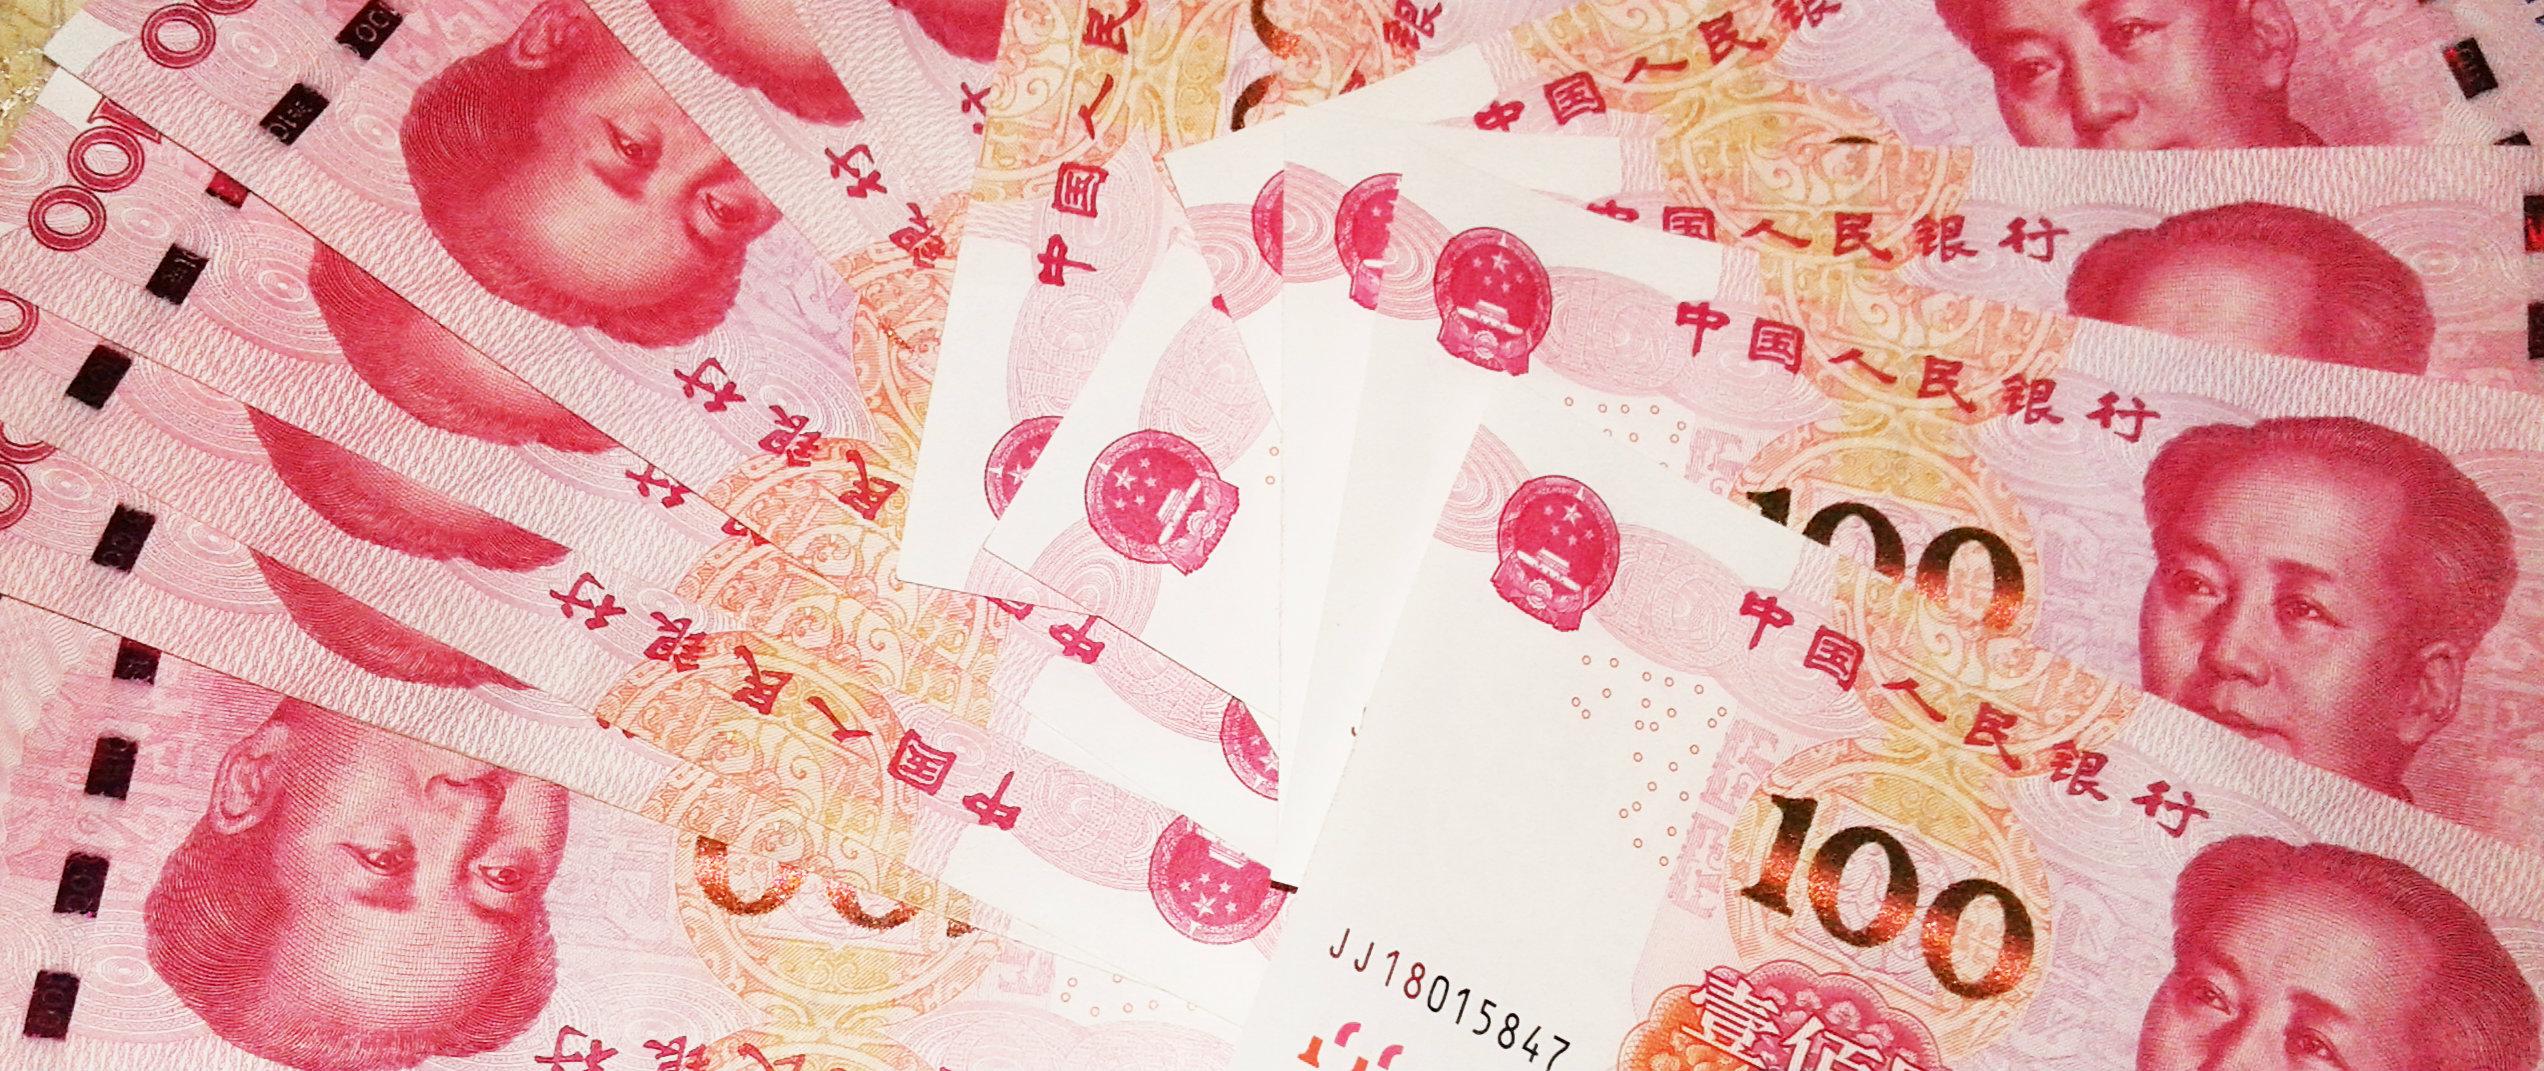 财政部公布2016年1-9月收支 金融业超工业企业所得税1791亿